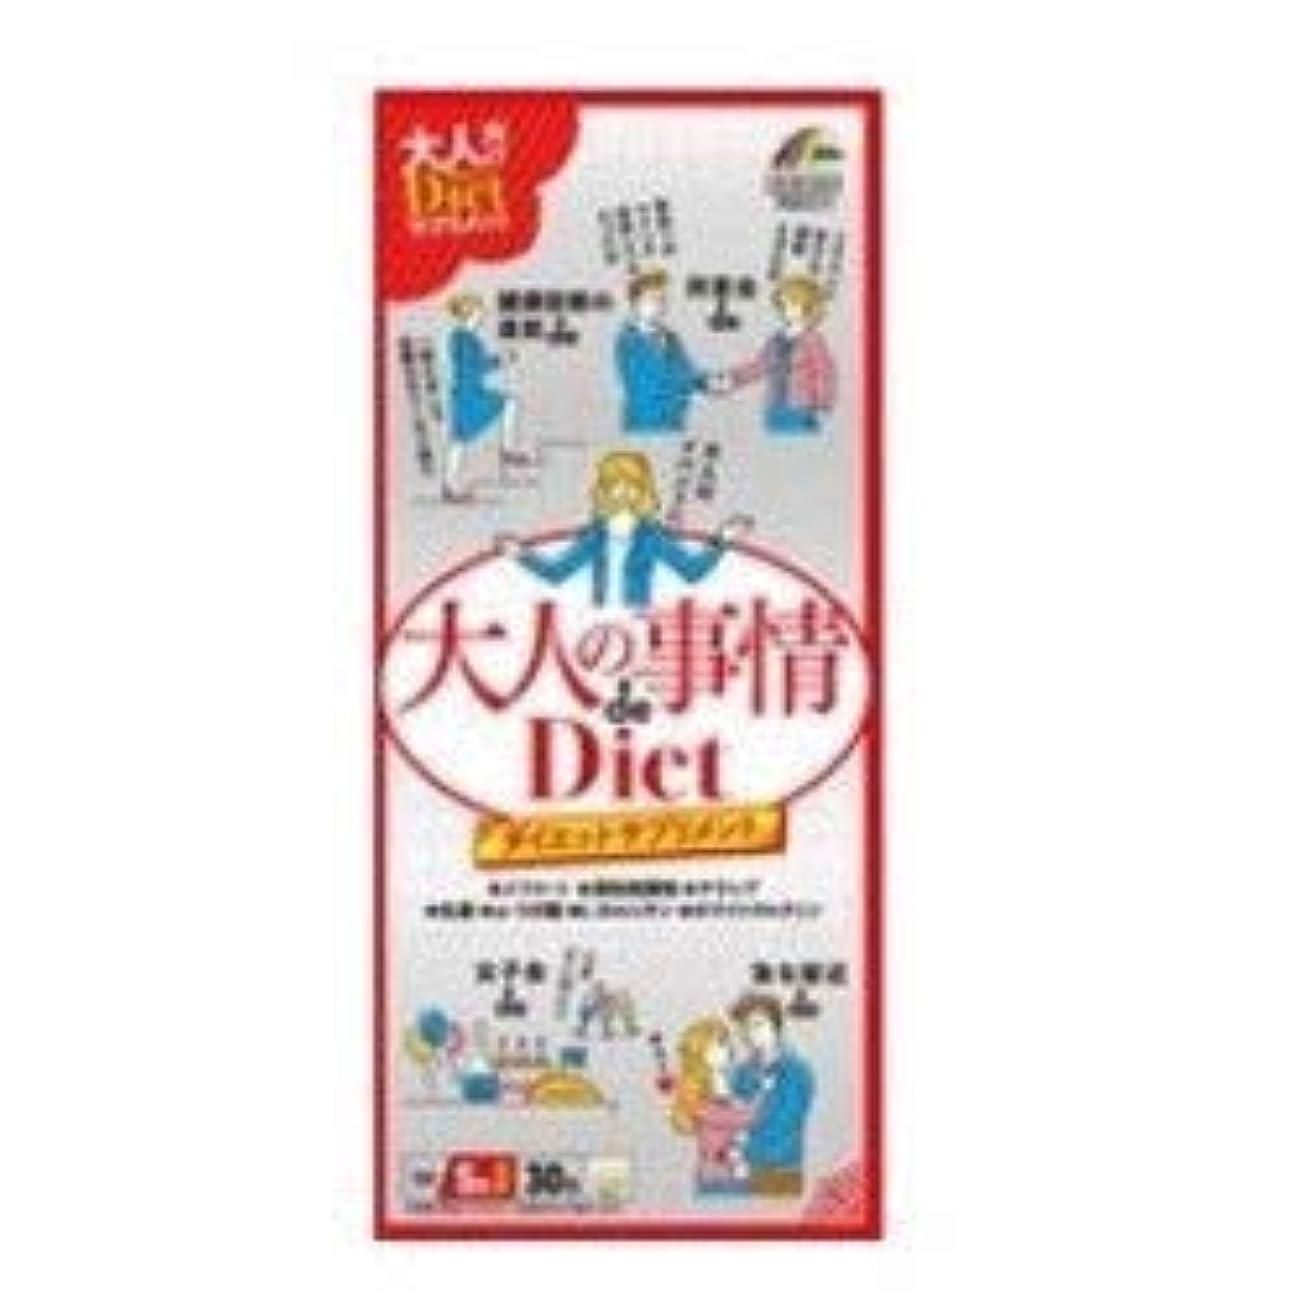 悪い吐き出すアクティビティ【ユニマットリケン】大人の事情ダイエット 30包×3